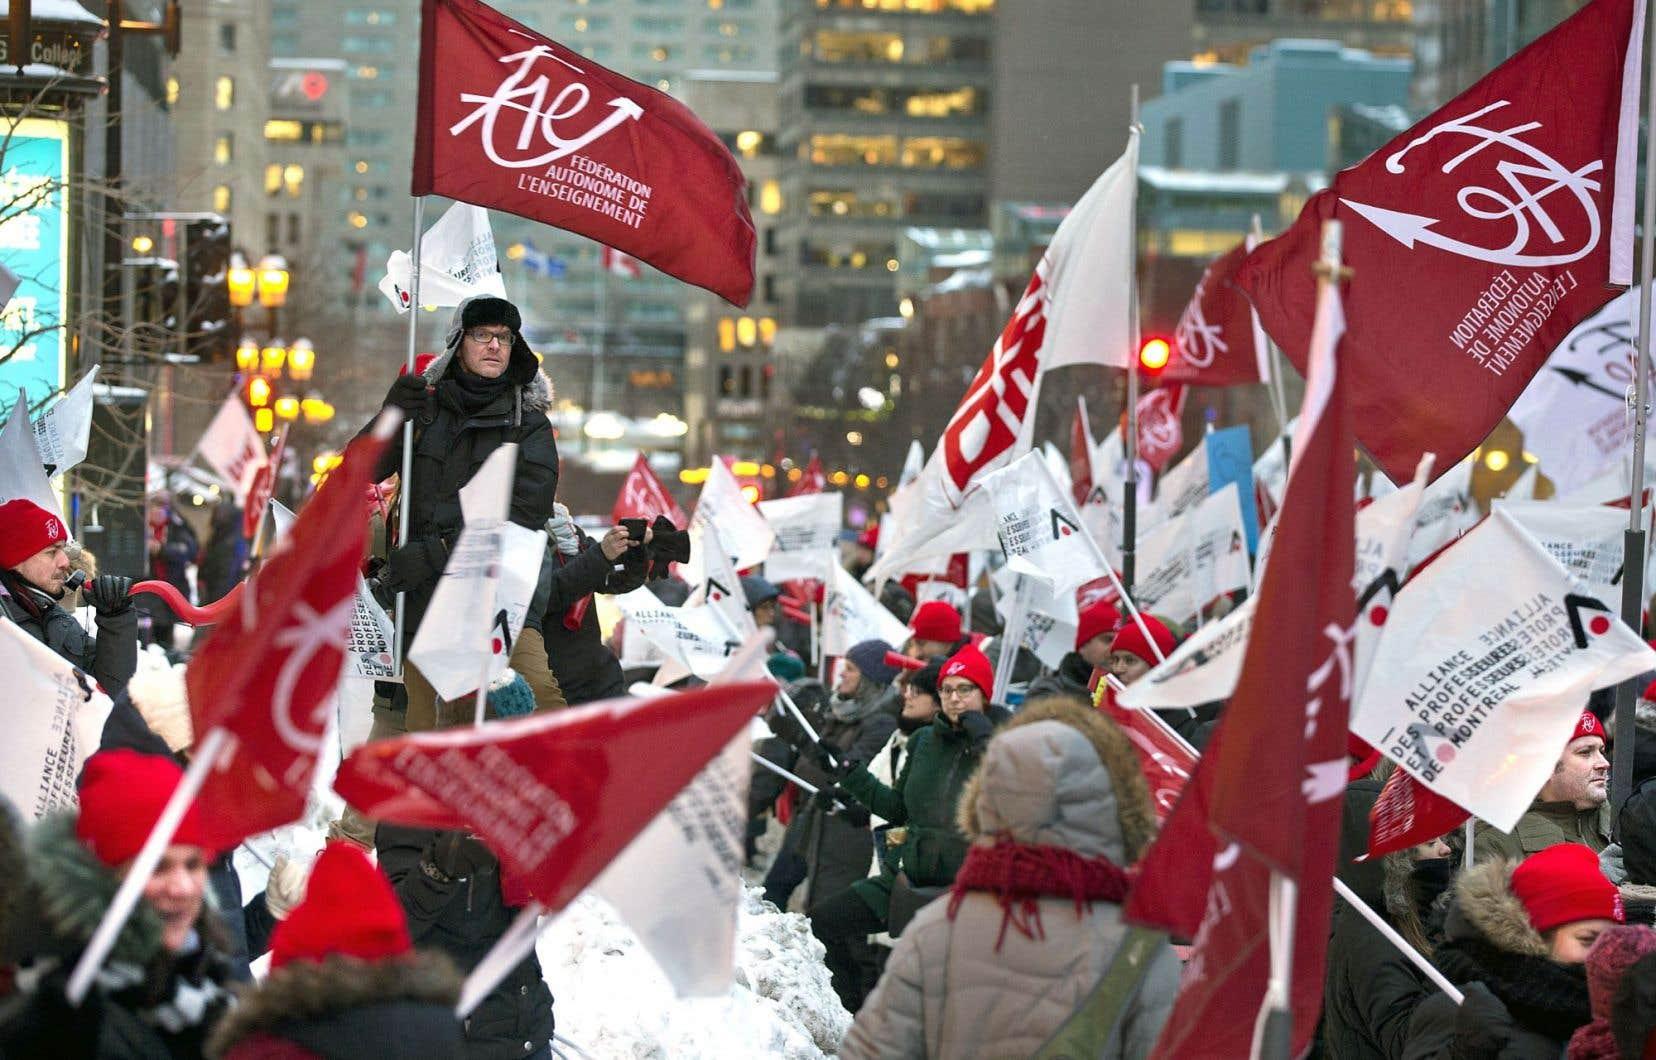 Une large coalition syndicale prépare l'offensive anti-austérité. Ci-dessus, la Fédération autonome de l'enseignement, qui manifestait lundi.